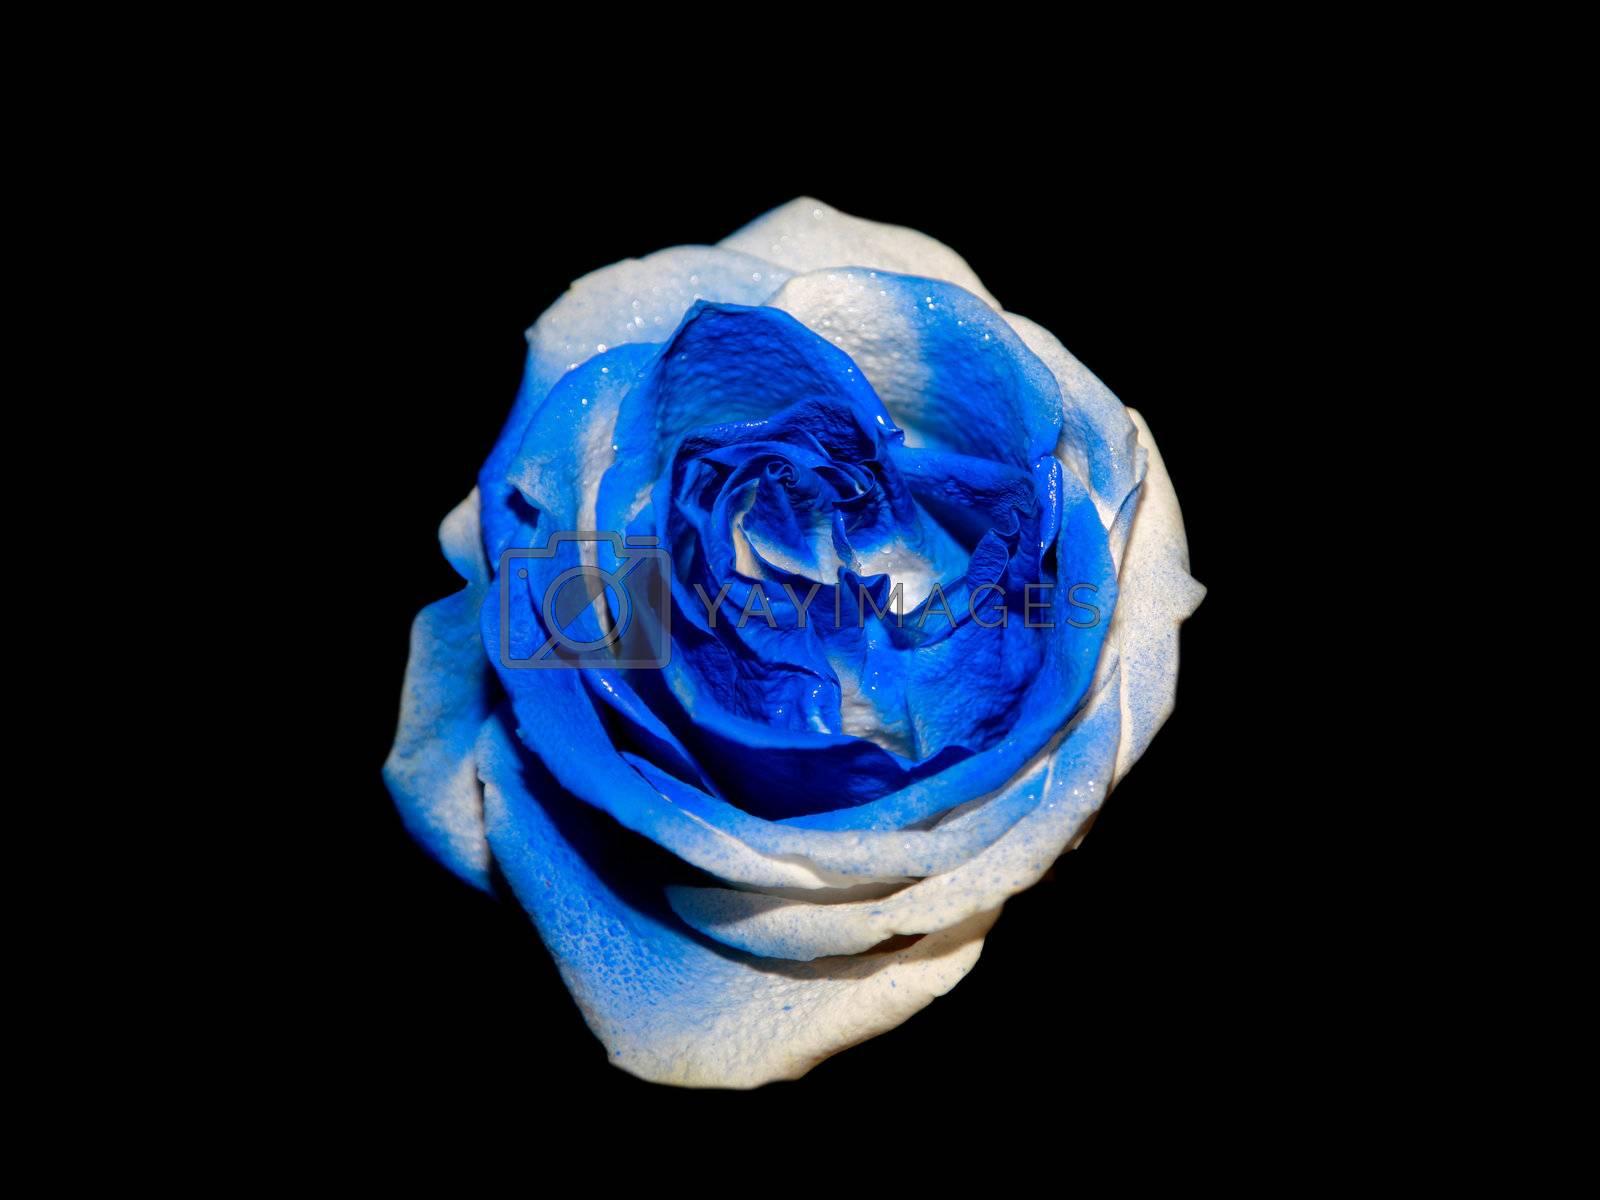 Unusial blue rose